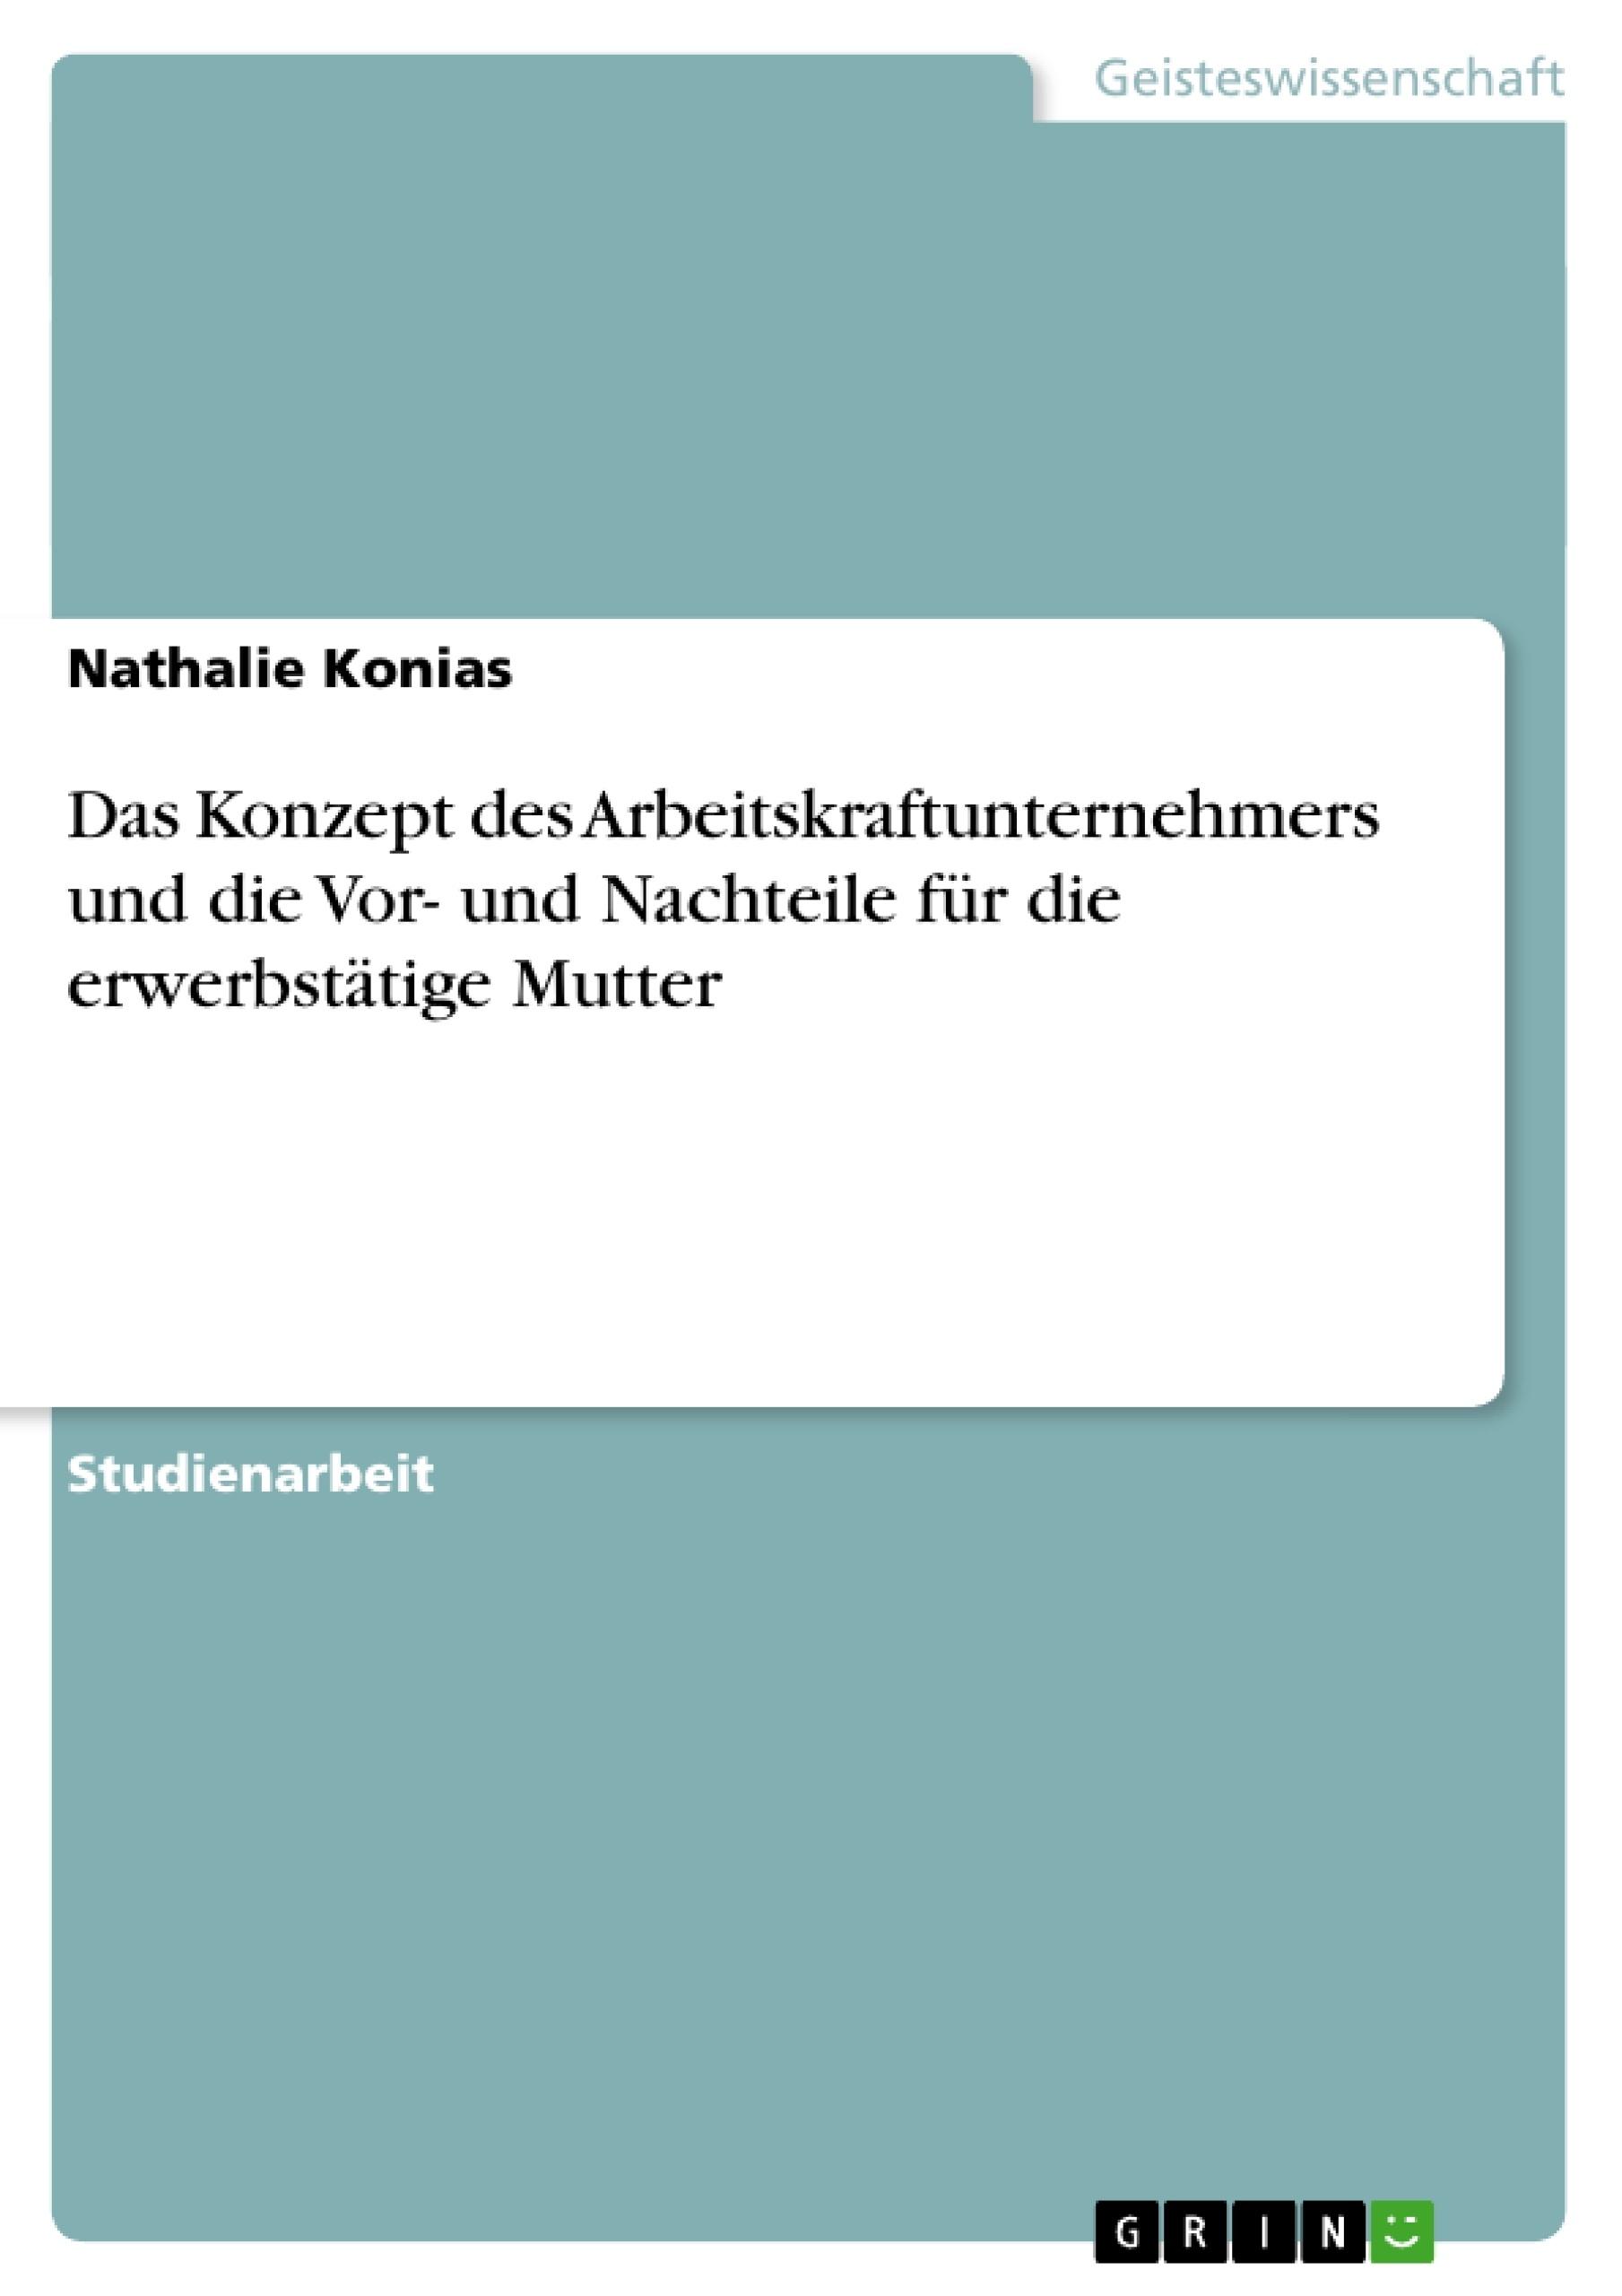 Titel: Das Konzept des Arbeitskraftunternehmers und die Vor- und Nachteile für die erwerbstätige Mutter